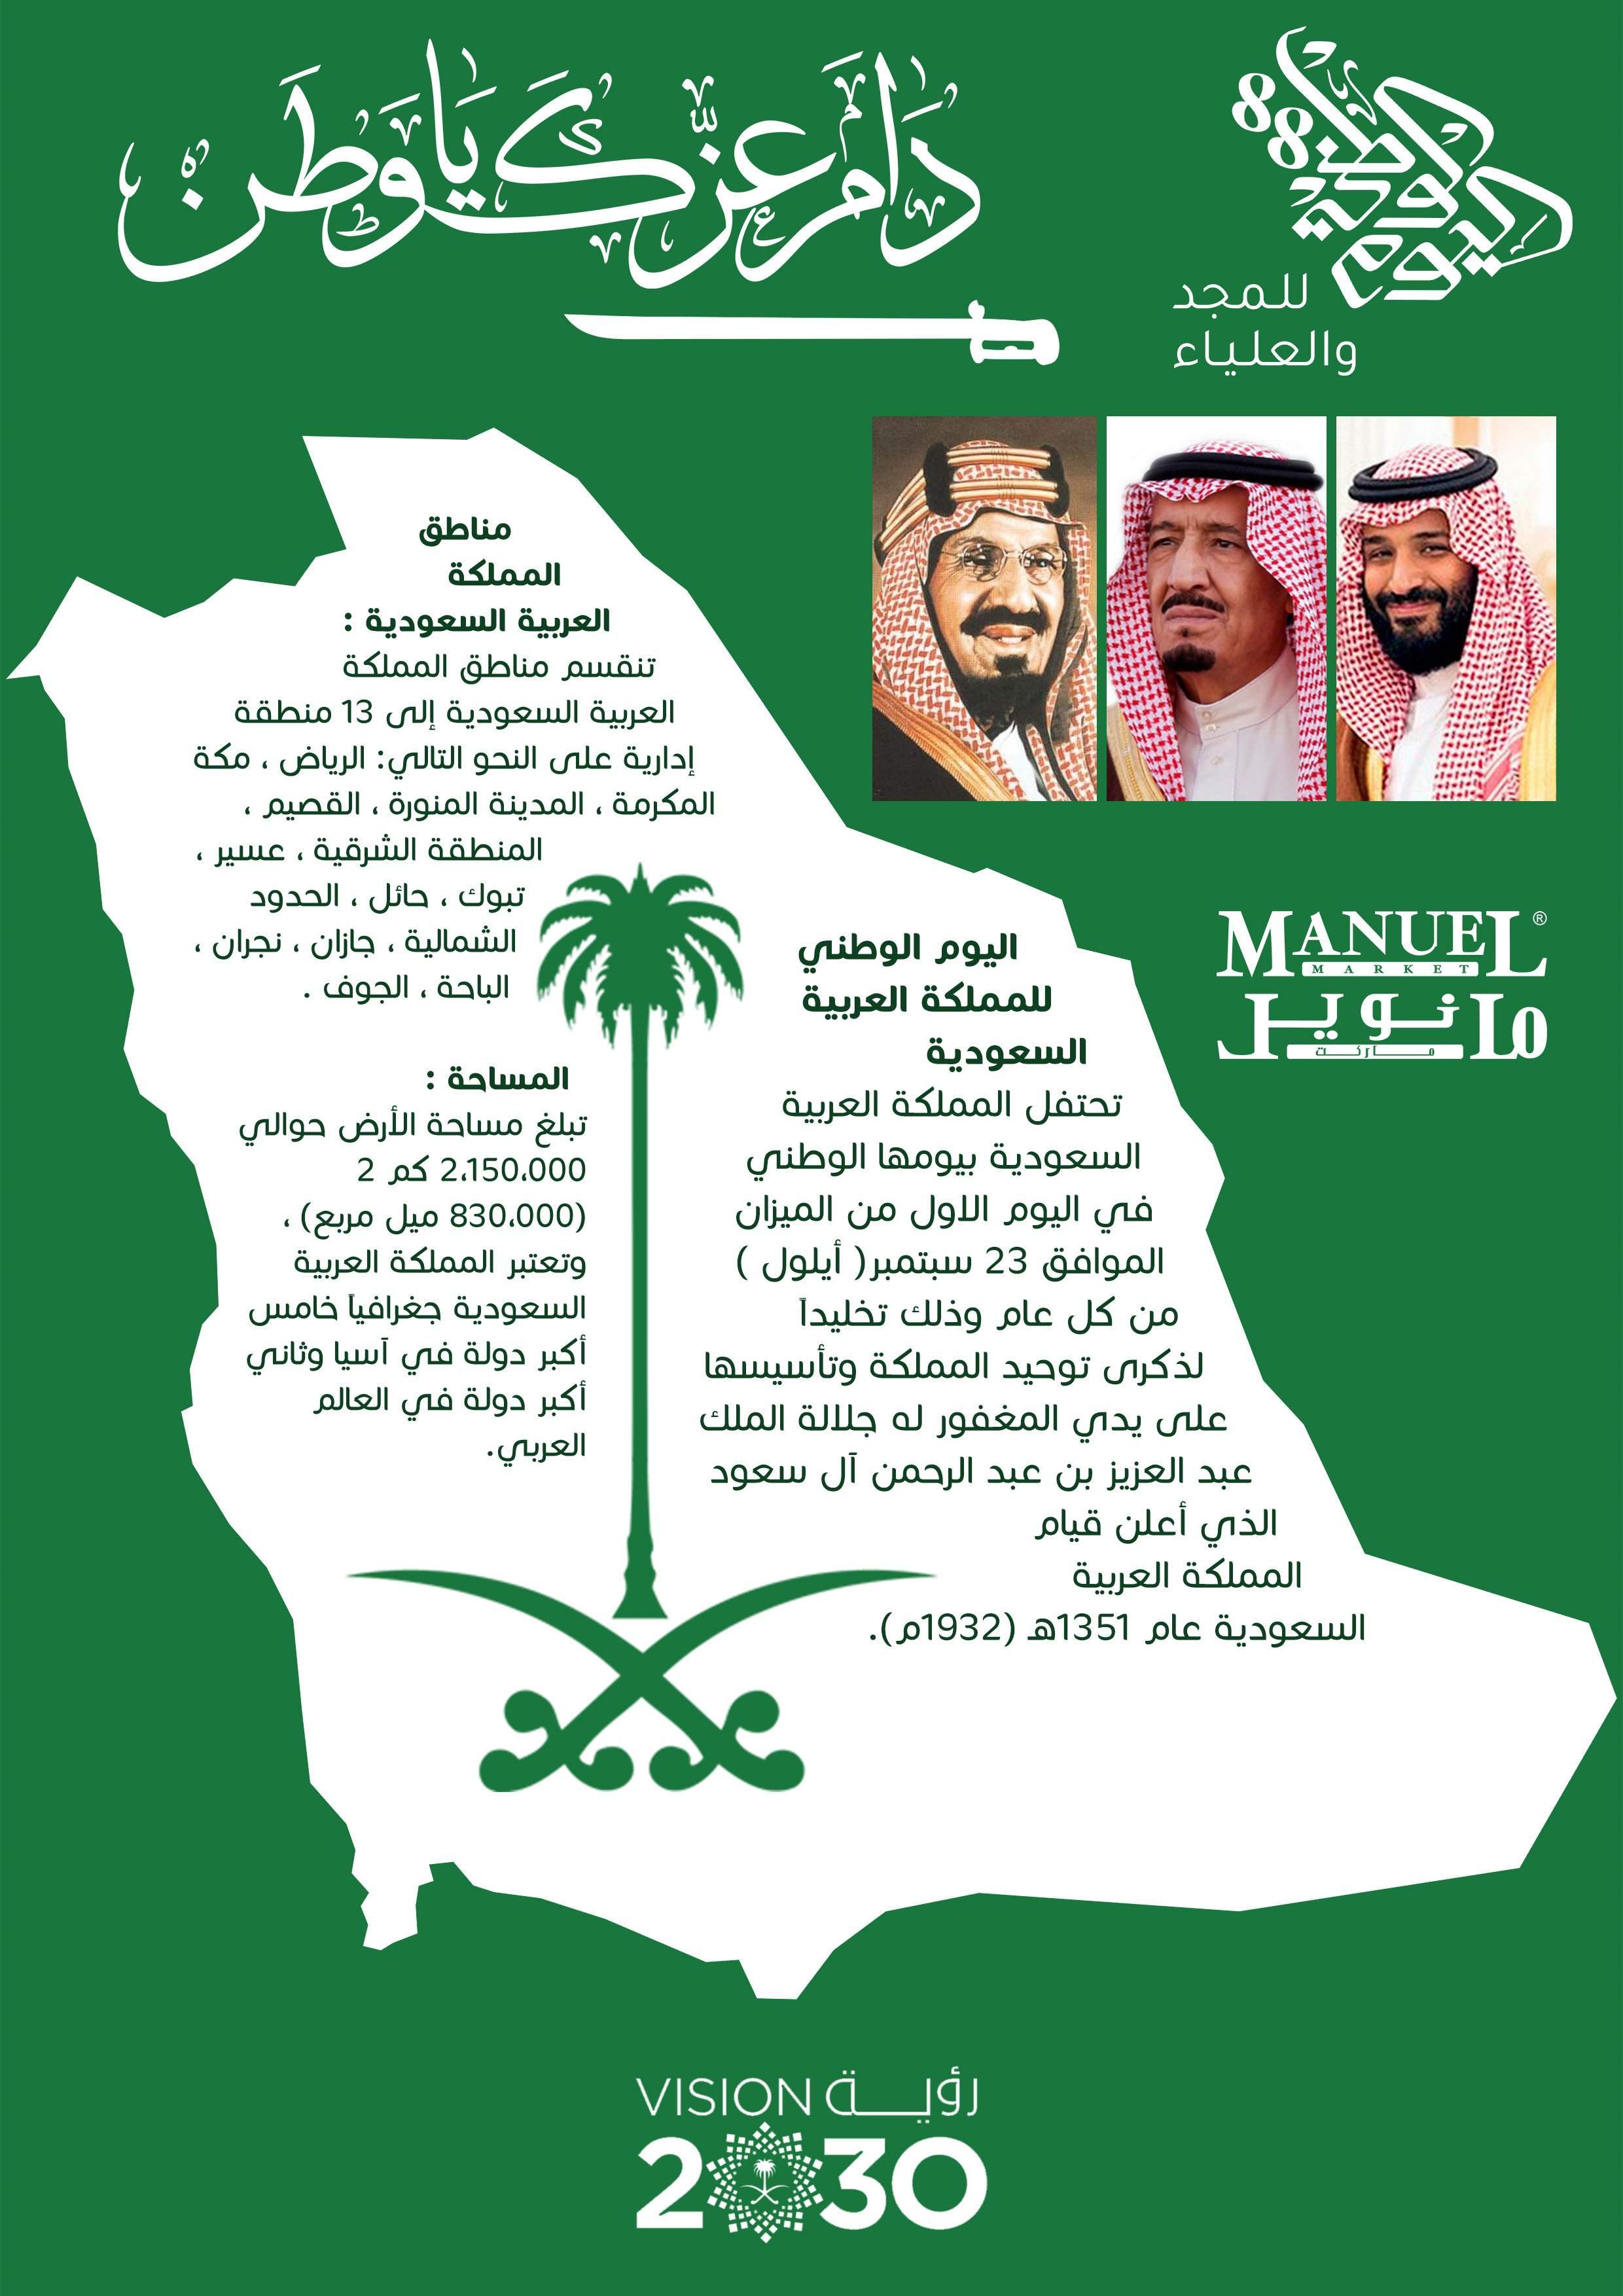 احتفالات اليوم اوطني السعودي، عروض مانويل، عروض اليوم الوطني